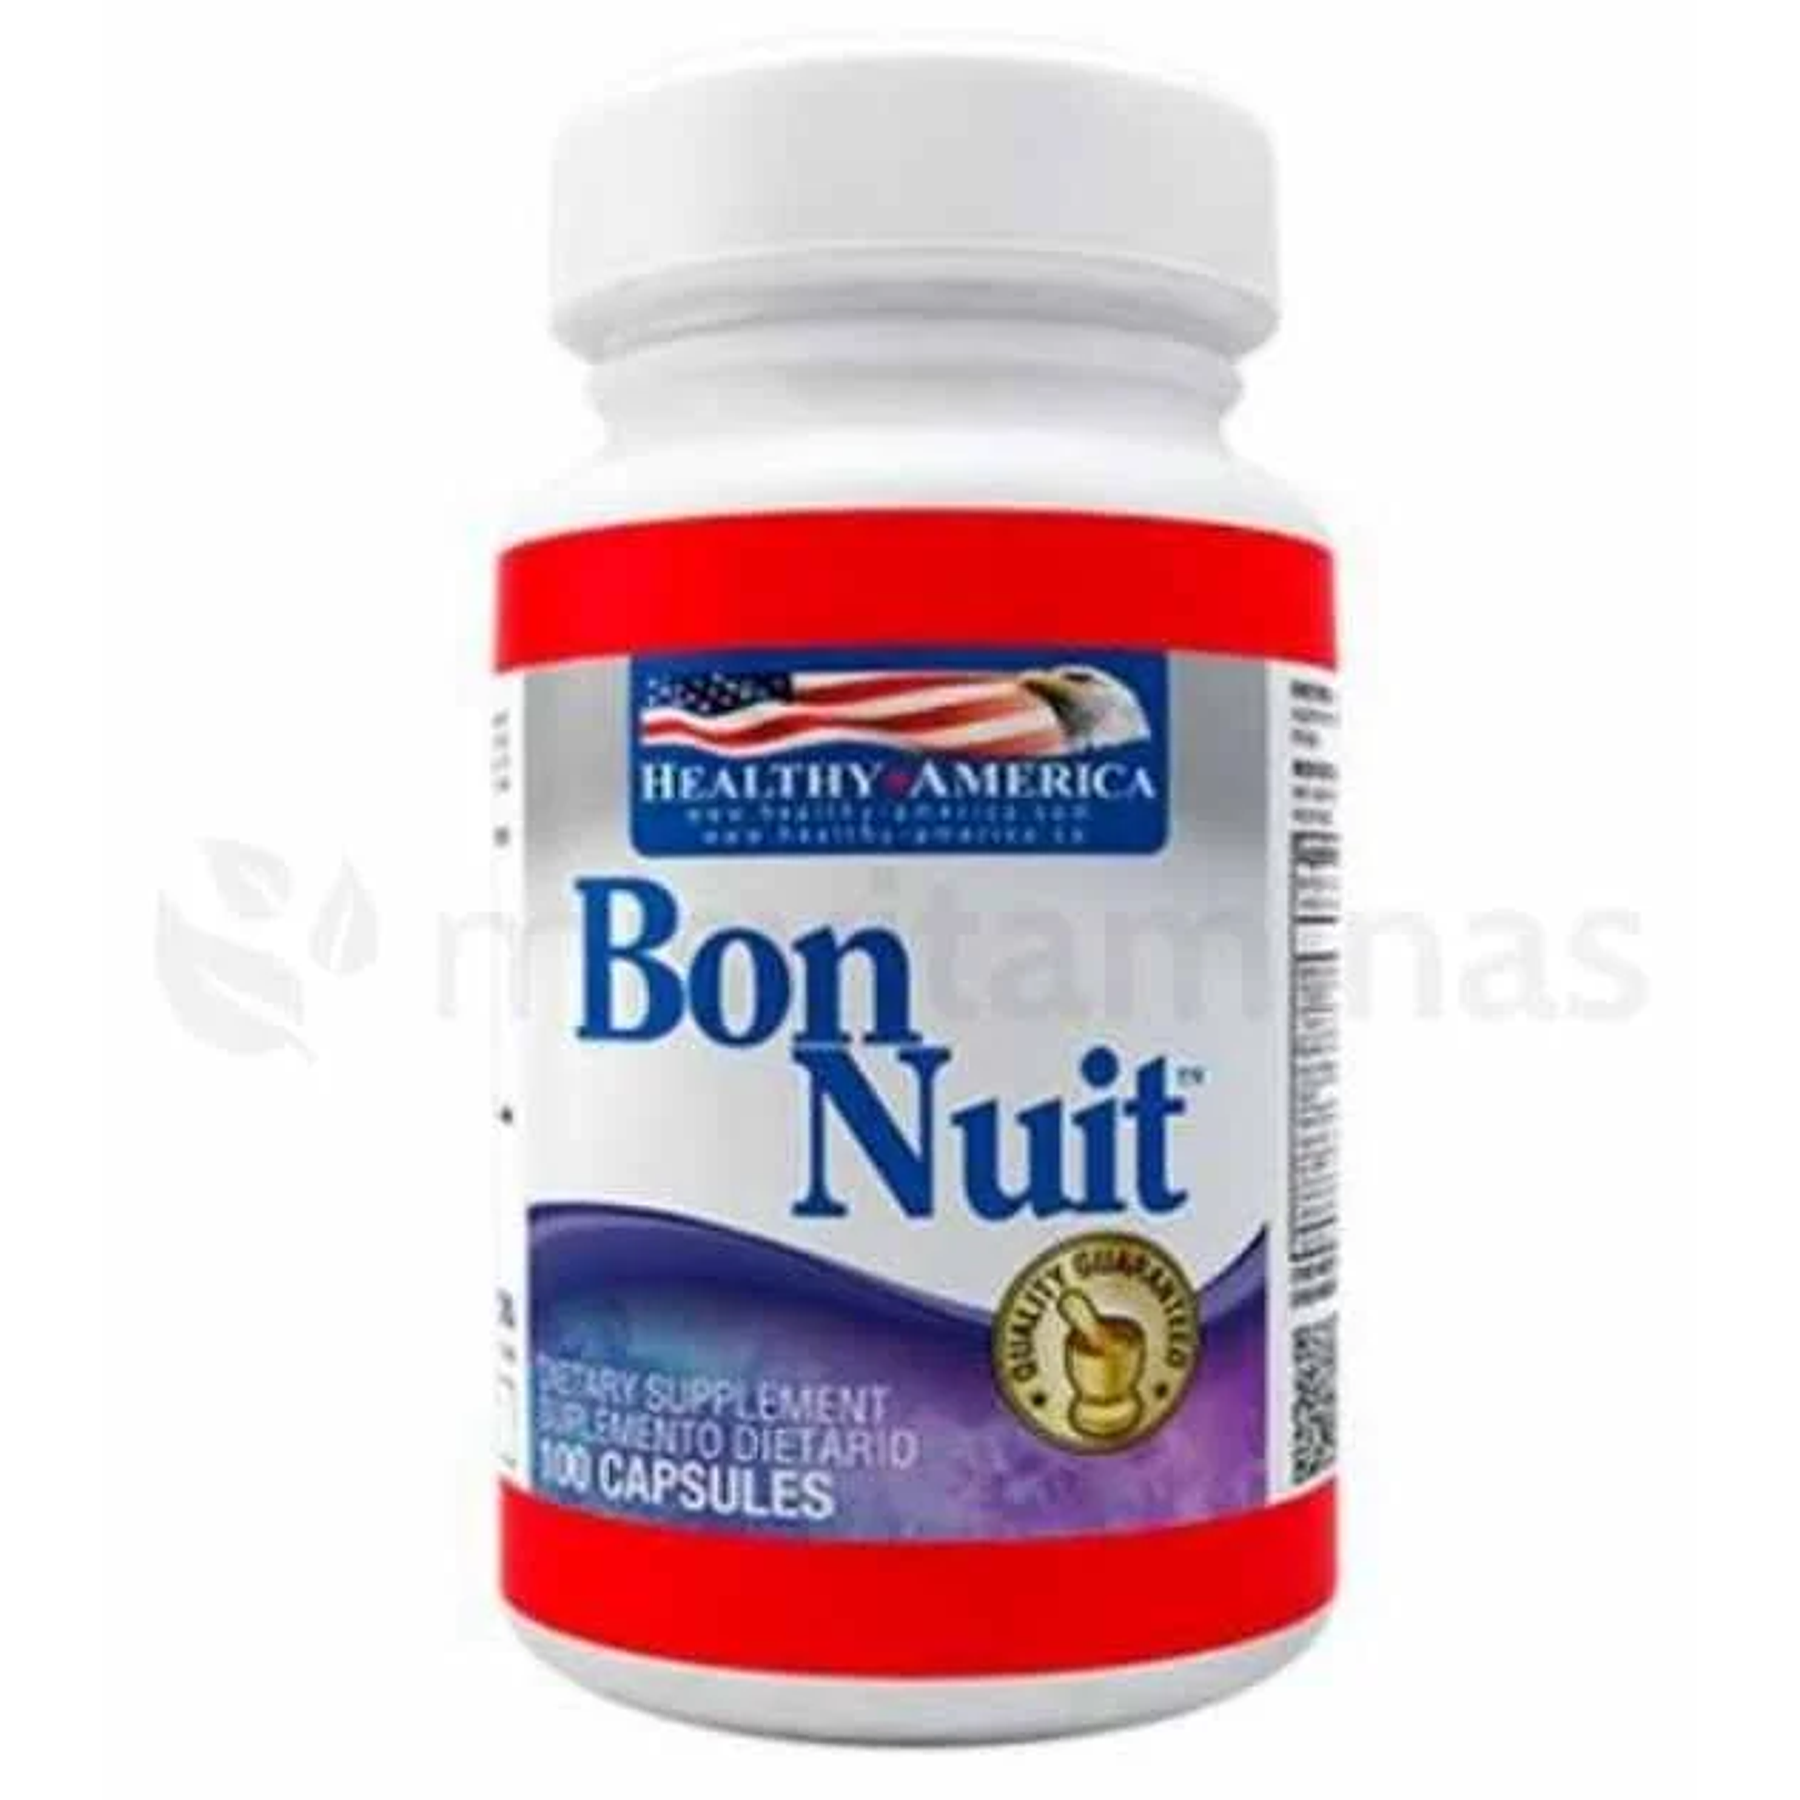 Bon Nuit Health America 100 Capsulas